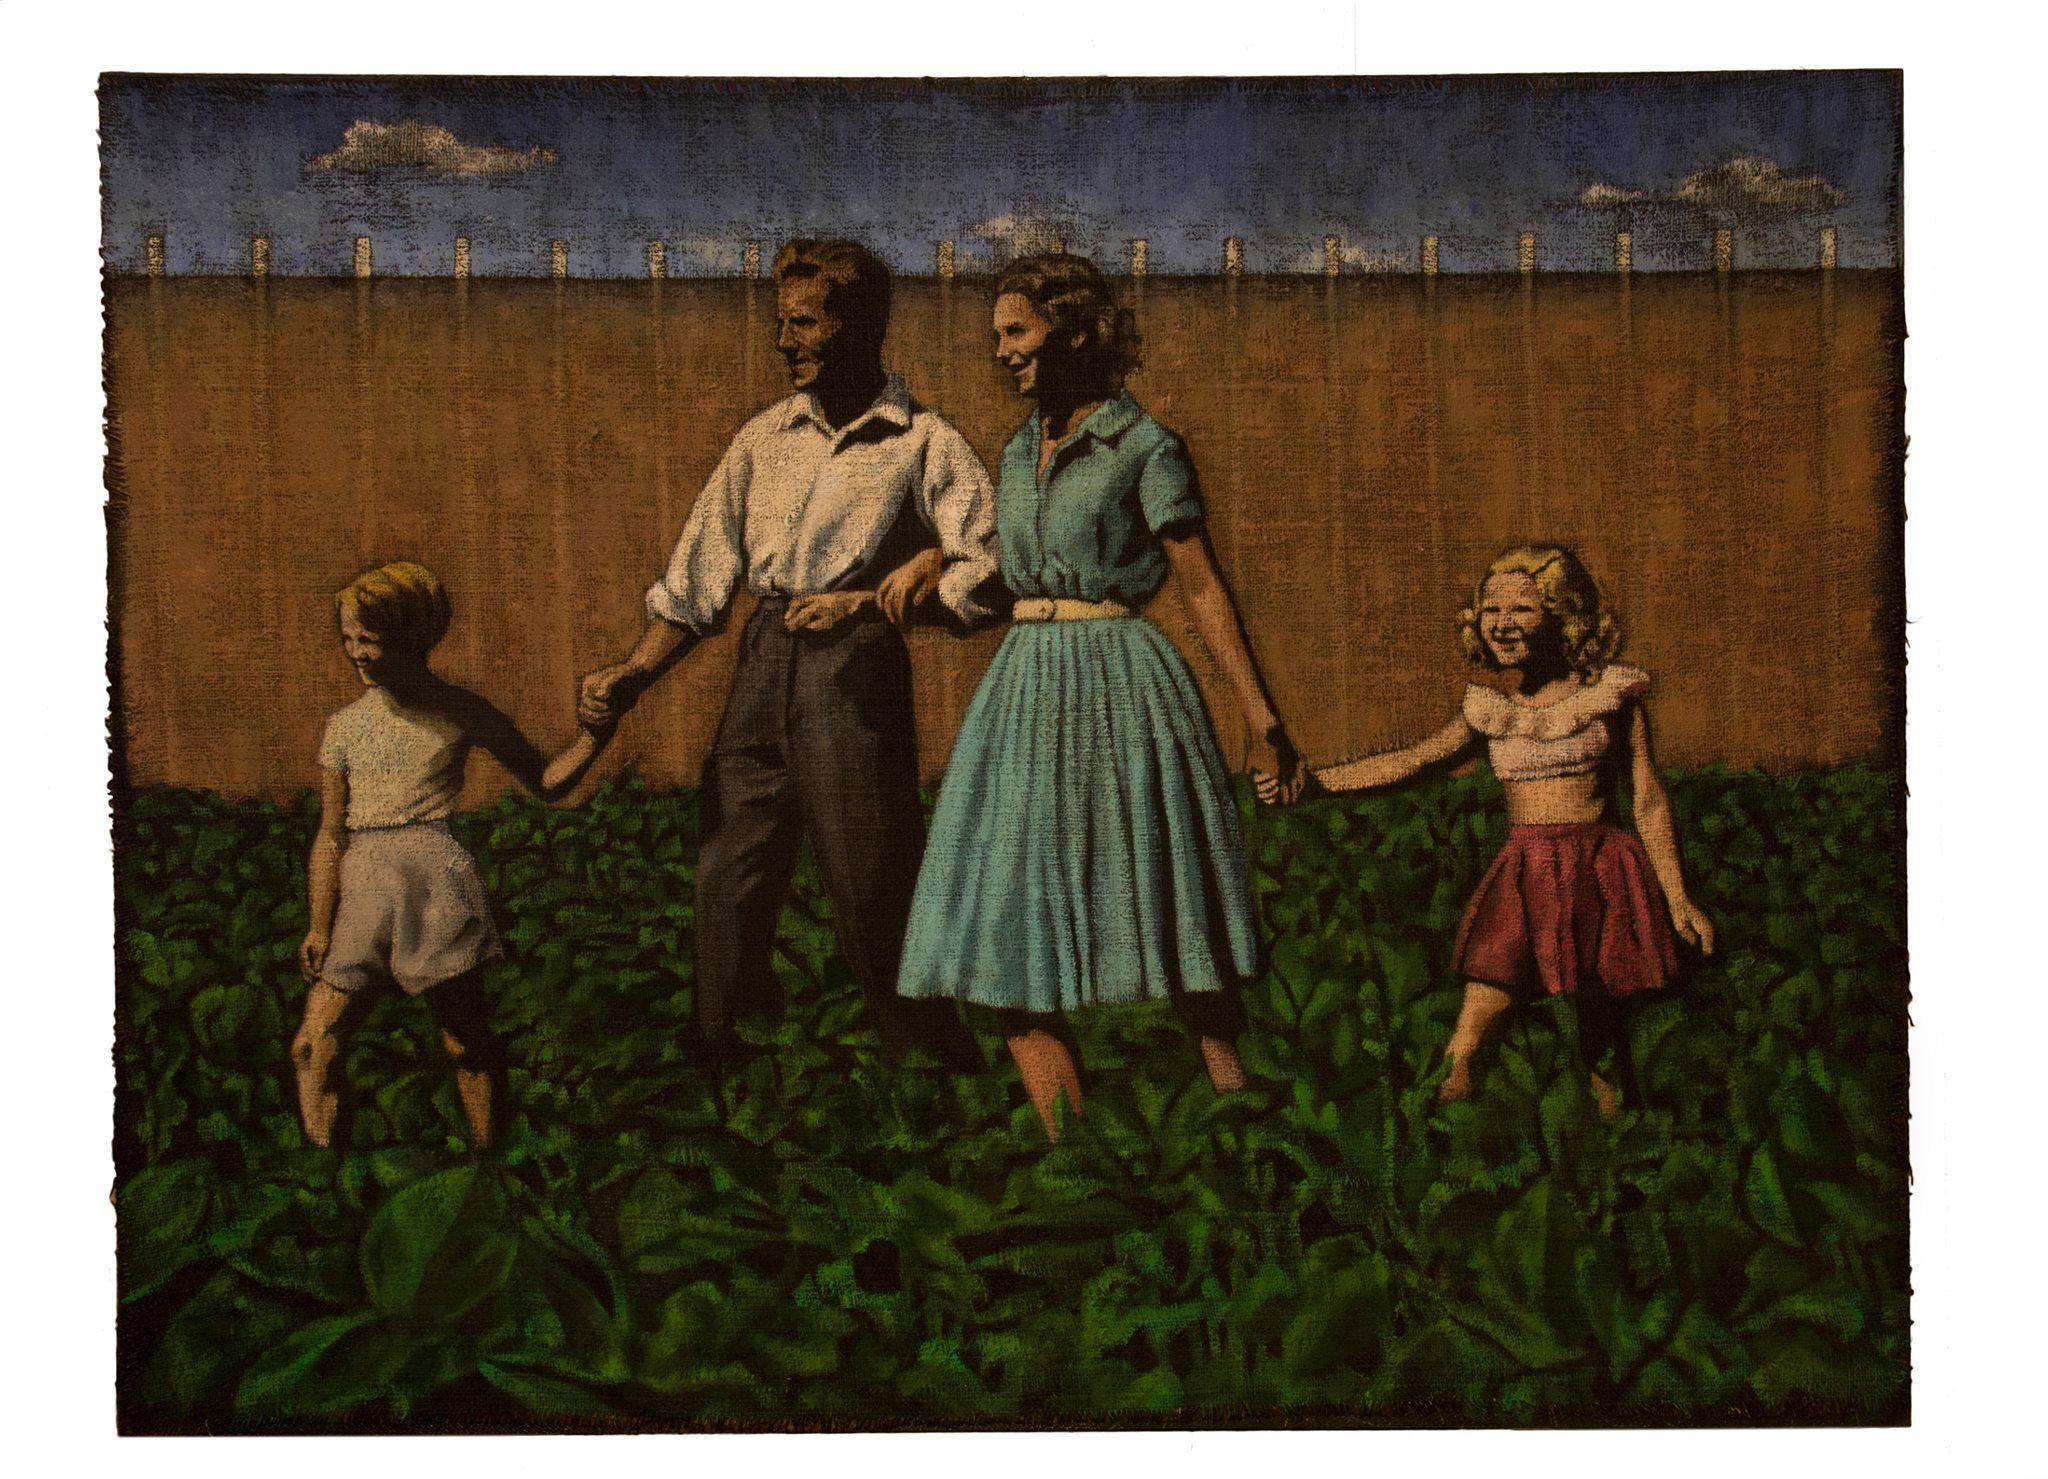 Cuarenta y un cuadros seleccionados para el Salón de Pintura ... www.mercedesonline.com.ar2048 × 1479Buscar por imagen Marcela Cueto recibió mención especial en Salón Nacional de Pintura de Luján